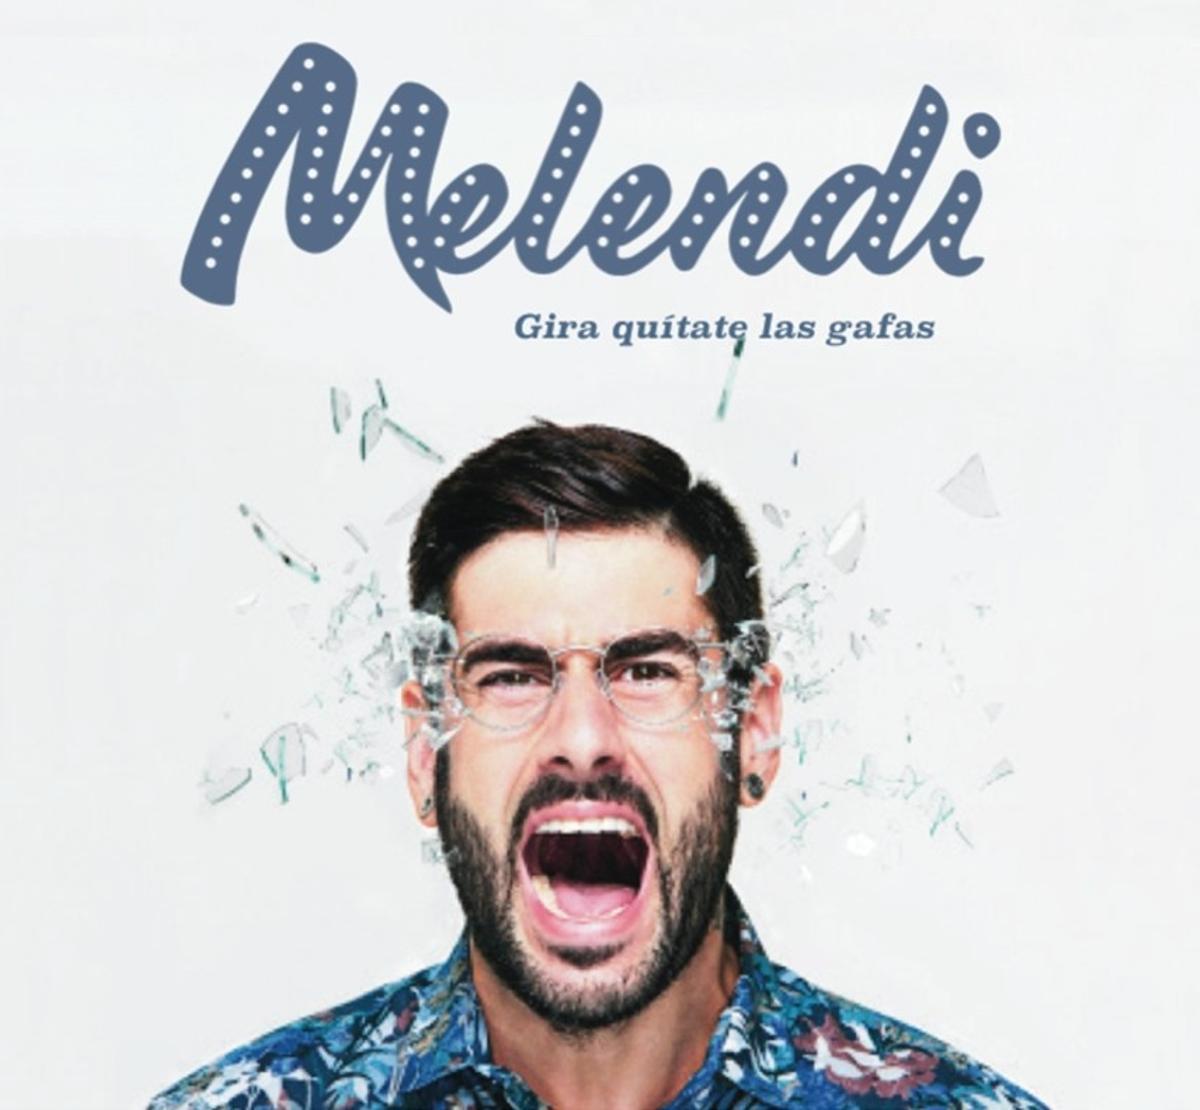 Cartel de la gira del nuevo disco de Melendi, 'Quítate las gafas'.